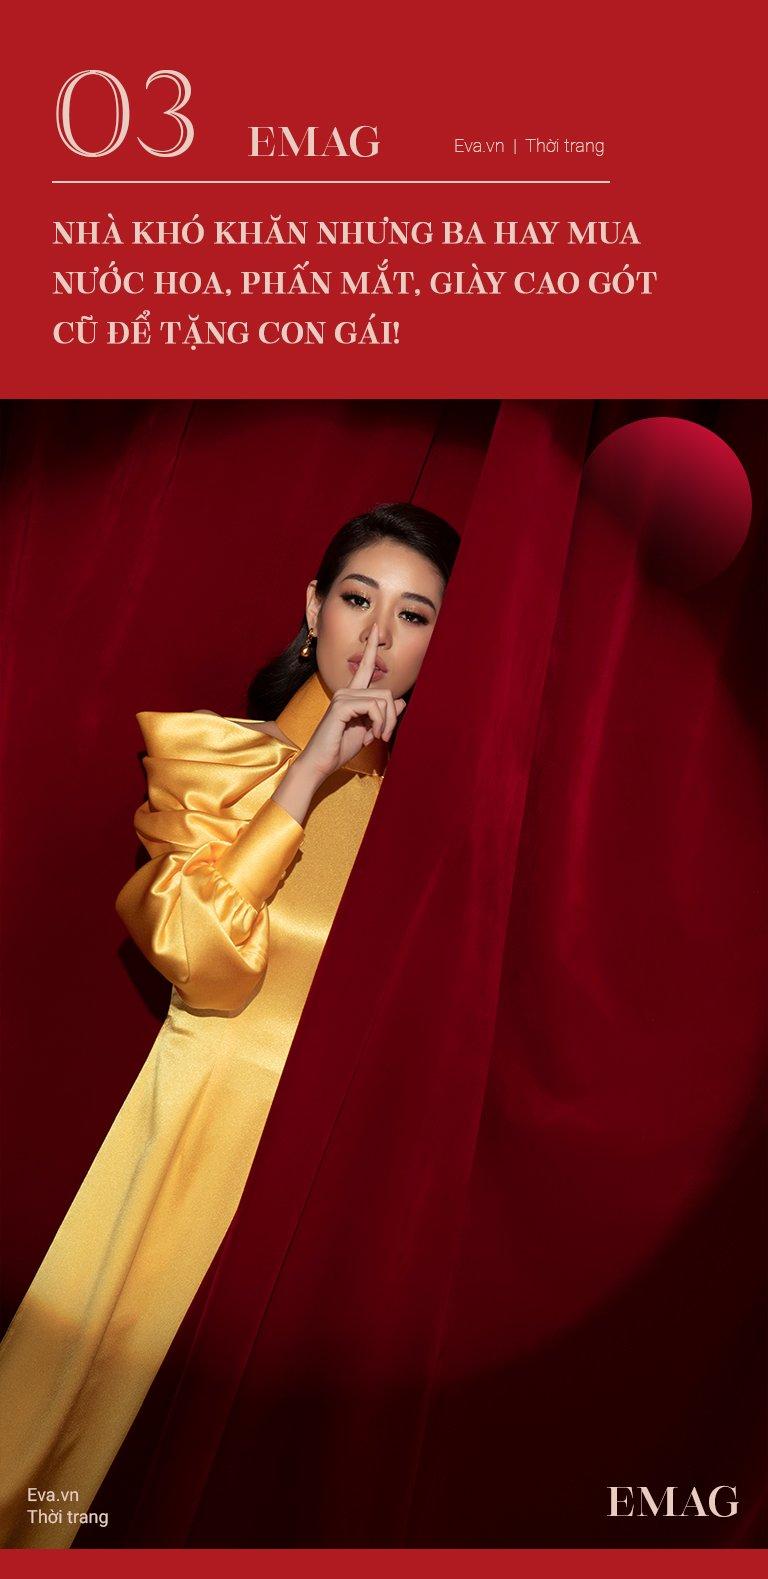 Hoa hậu Hoàn vũ Khánh Vân - Biến cố và sóng gió giúp trái tim nhân ái đăng quang - 13